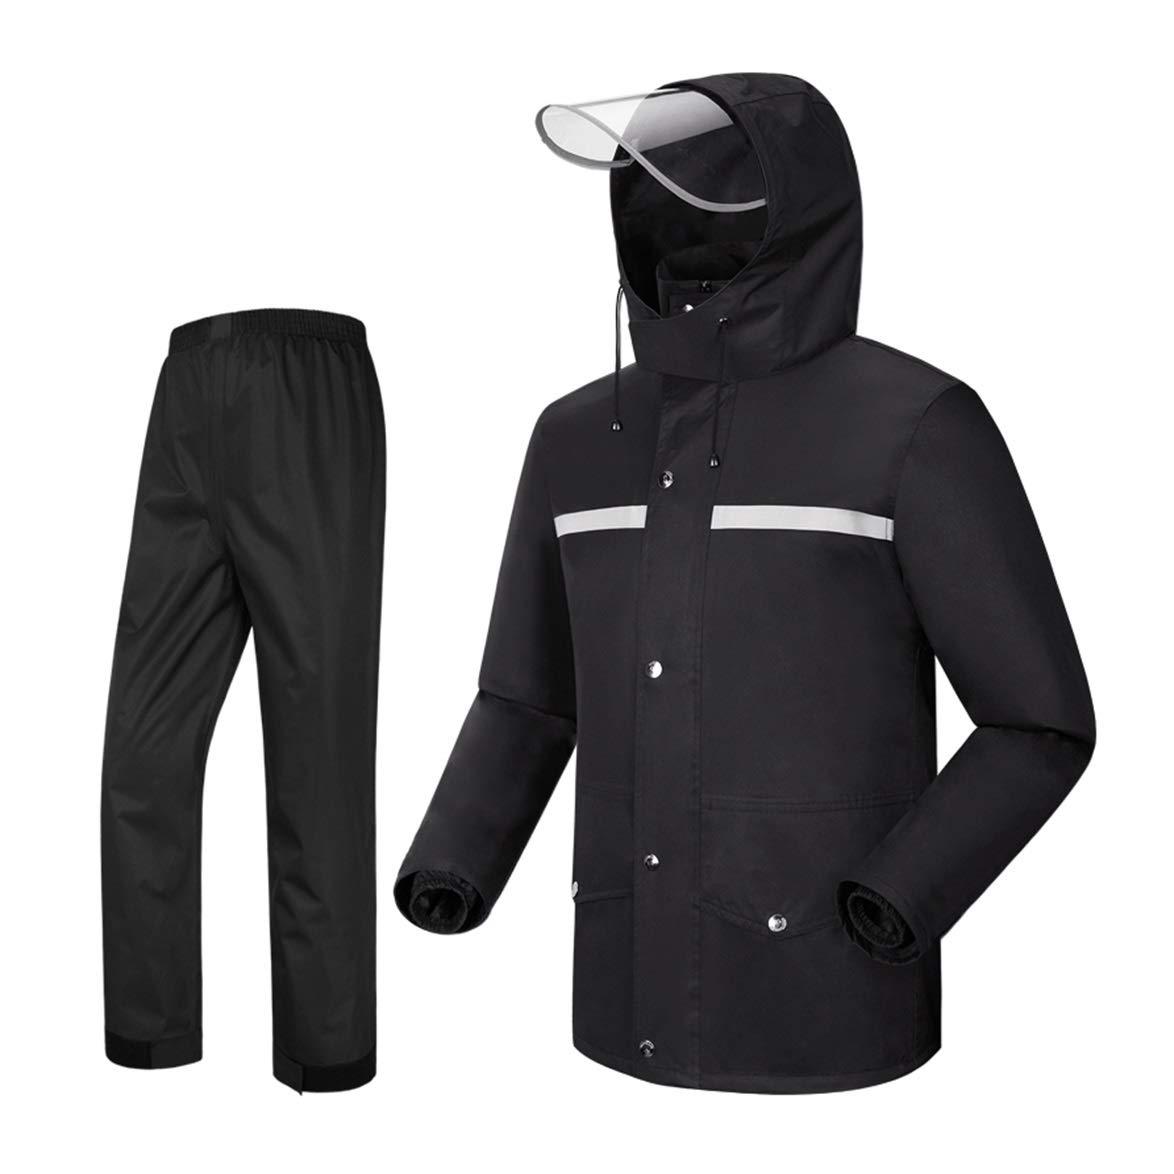 LAXF-Regenbekleidung Regenmantel mit Kapuze, Regenanzug für Männer wasserdicht Radfahren Motorrad Fahren Golf 2-teiliger Anzug